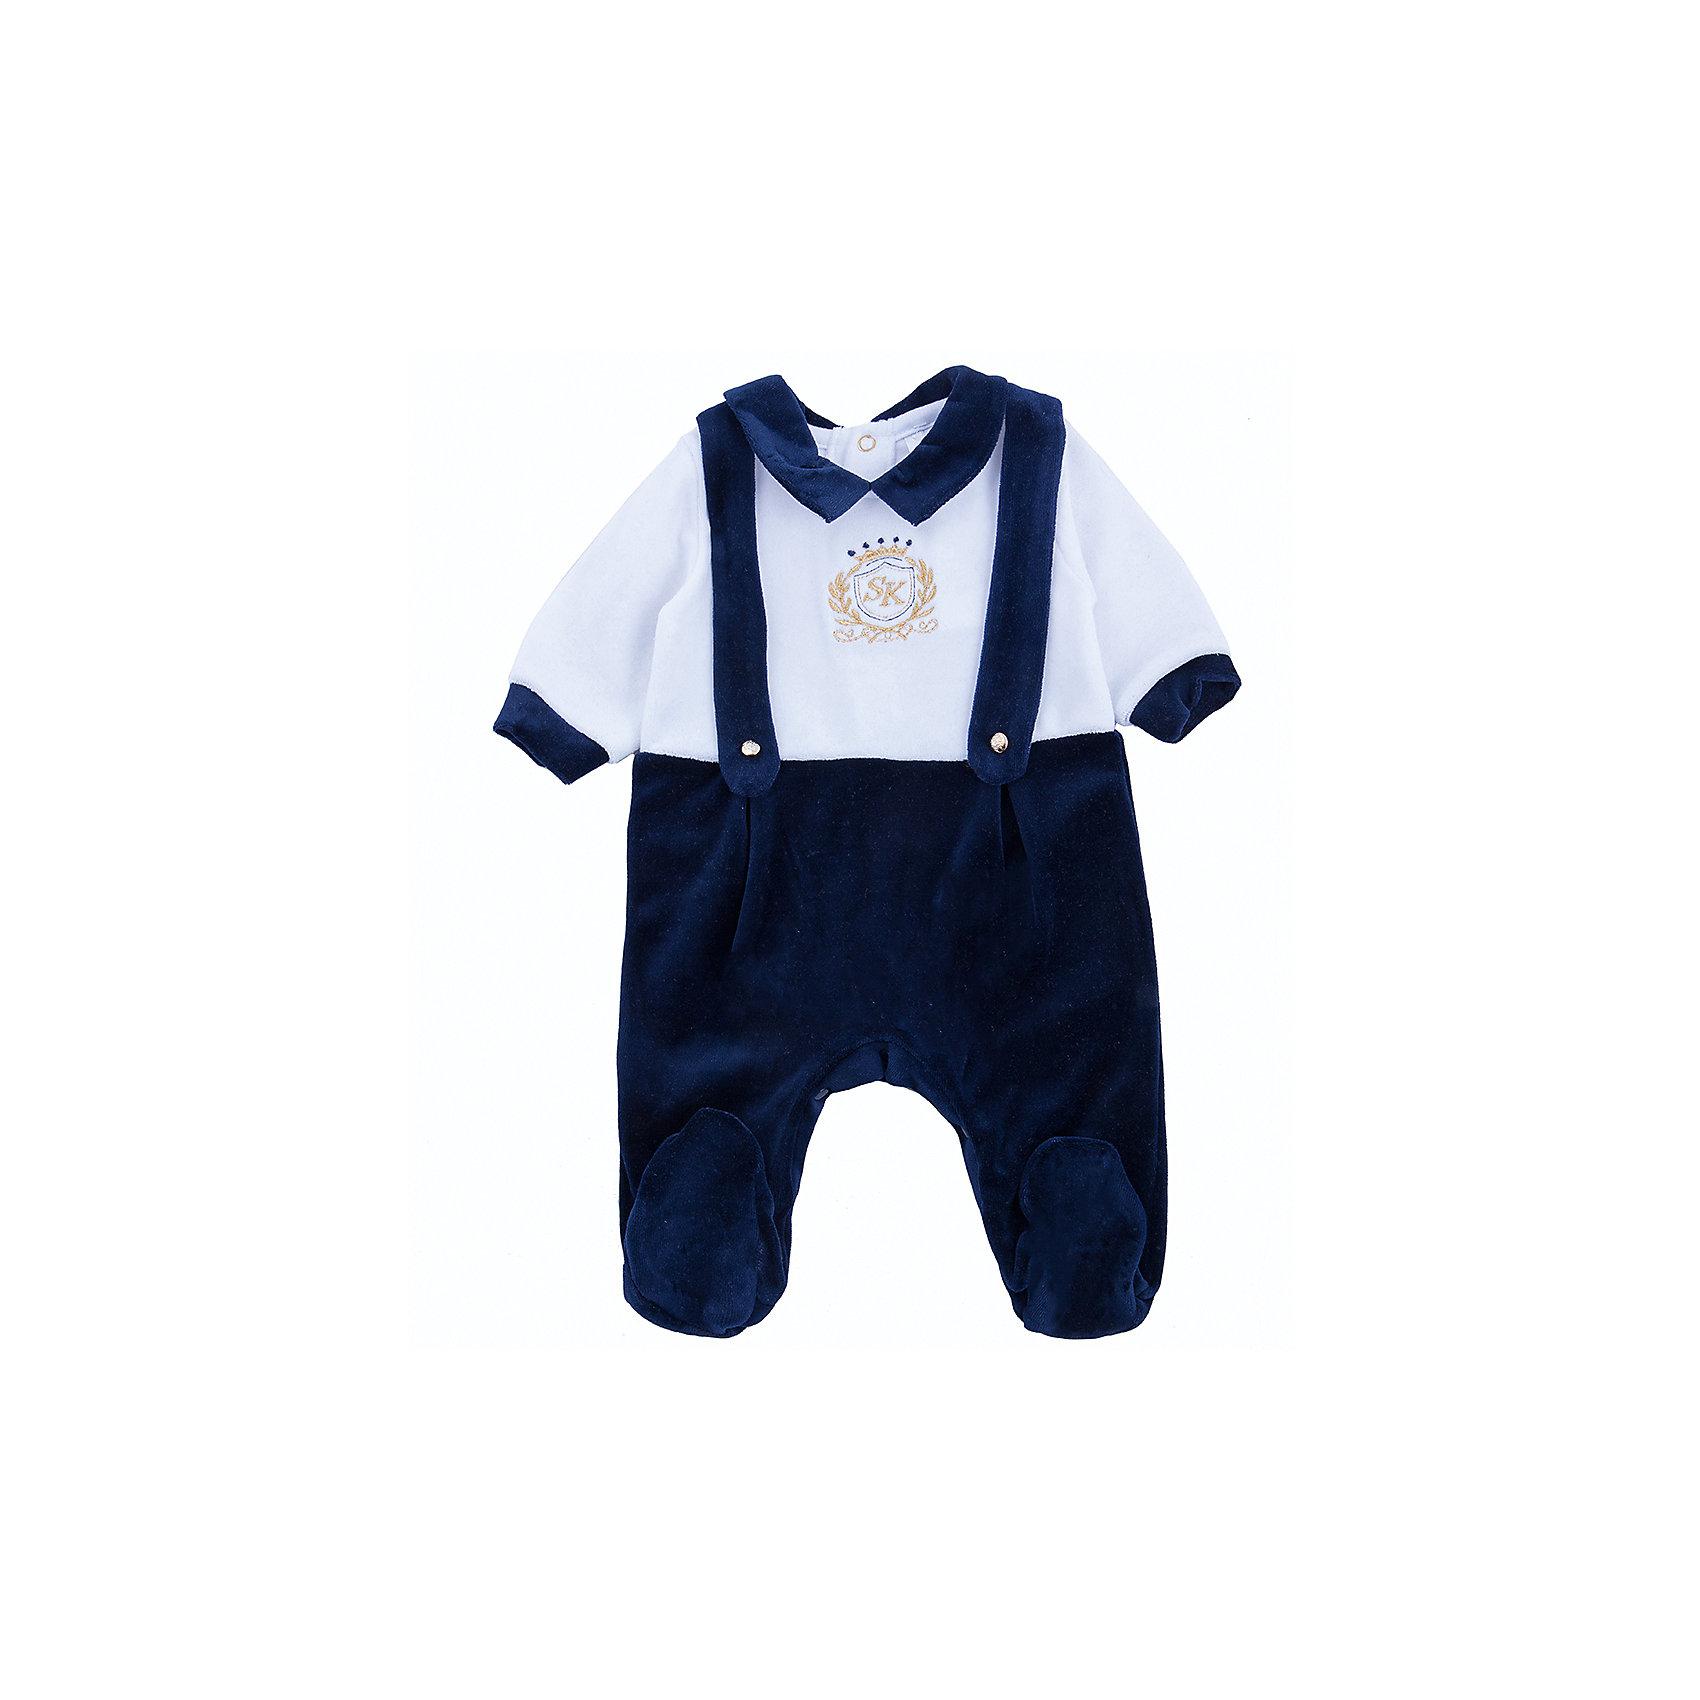 Комбинезон для мальчика Soni KidsКомбинезоны<br>Комбинезон для мальчика от популярной марки Soni Kids<br><br>Модный и удобный комбинезон относится к линейке Эстет. Модели из неё отличаются элегантным дизайном и эффектной отделкой.<br><br>Особенности модели:<br><br>- цвет - темно-синий, белый;<br>- материал с ворсом (велюр);<br>- имитация подтяжек;<br>- отложной воротник;<br>- золотистая вышивка;<br>- рукава длинные;<br>- застежки-кнопки сзади и внизу.<br><br>Дополнительная информация:<br><br>Состав:  80% хлопок, 20% полиэстер (велюр)<br><br>Габариты:<br><br>длина - 50 см;<br>длина рукава  - 20.<br><br>*соответствует размеру 62<br><br><br>Комбинезон для мальчика от популярной марки Soni Kids (Сони Кидс) можно купить в нашем магазине.<br><br>Ширина мм: 157<br>Глубина мм: 13<br>Высота мм: 119<br>Вес г: 200<br>Цвет: синий<br>Возраст от месяцев: 3<br>Возраст до месяцев: 6<br>Пол: Мужской<br>Возраст: Детский<br>Размер: 68,62,74<br>SKU: 4323408